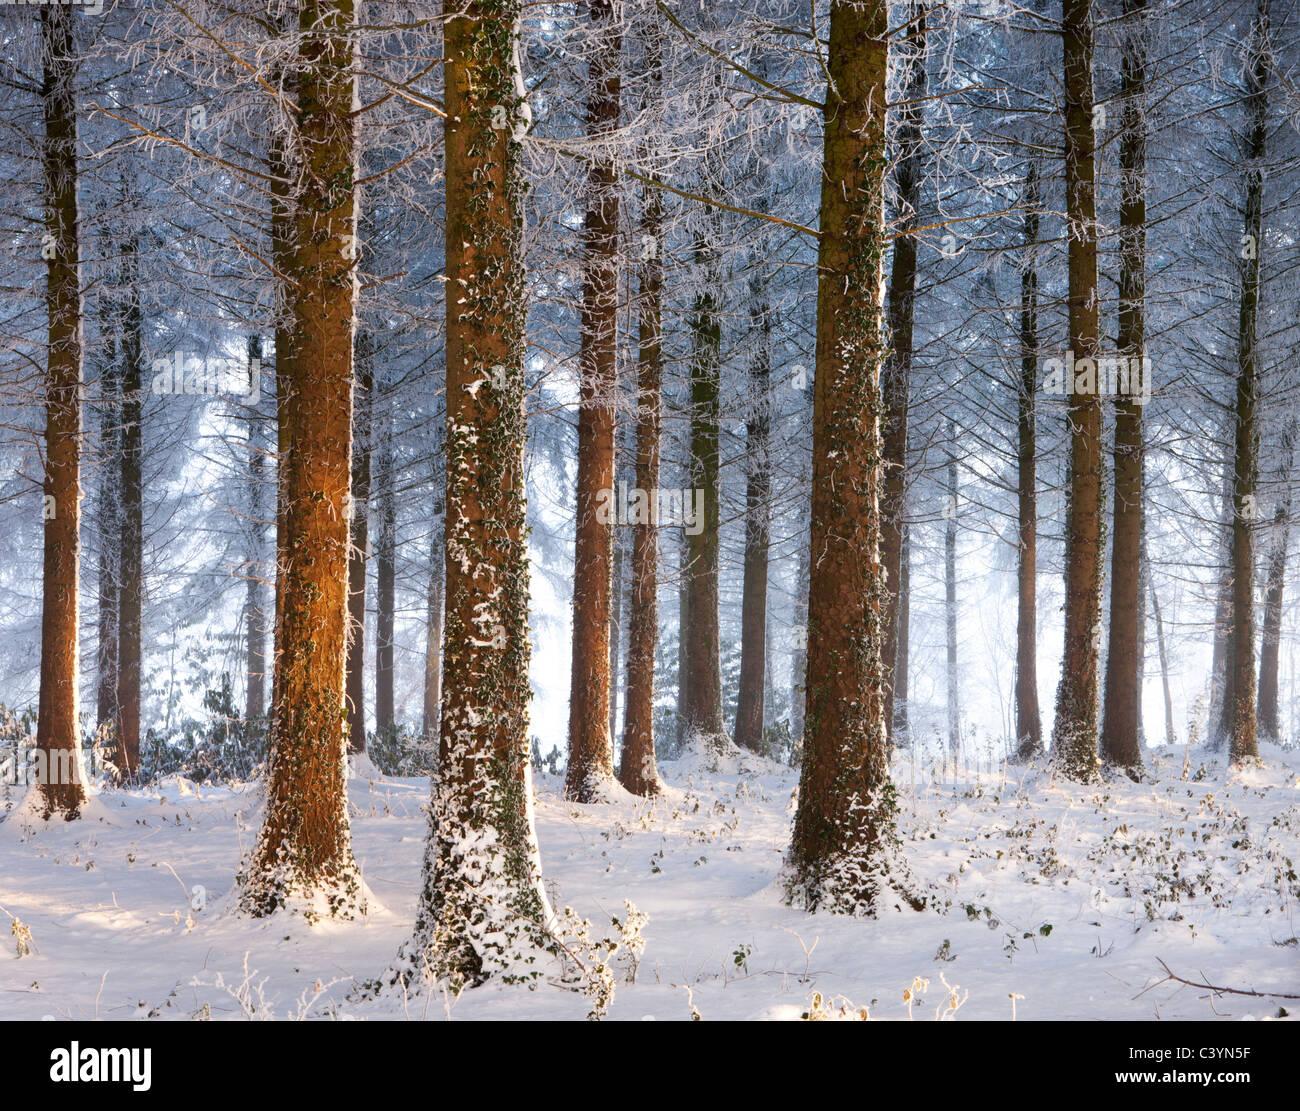 Coperta di neve pineta di pino silvestre, Morchard legno, Morchard Vescovo, Devon, Inghilterra. Inverno (dicembre Immagini Stock